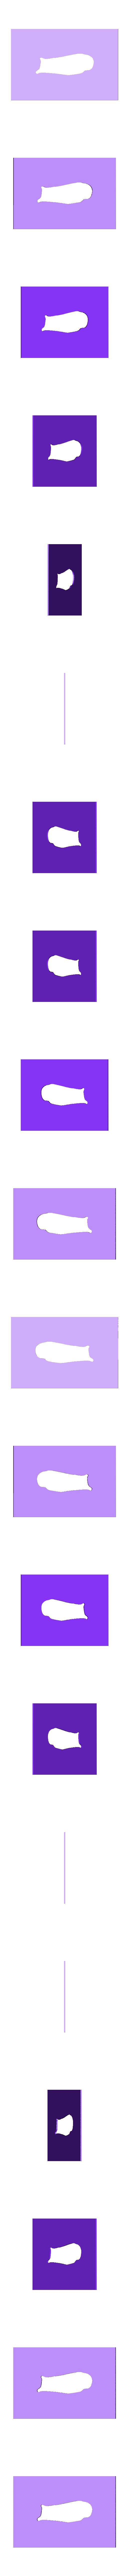 YellowPerch.STL Télécharger fichier STL gratuit Pochoirs à nageoires de leurre • Objet à imprimer en 3D, sthone